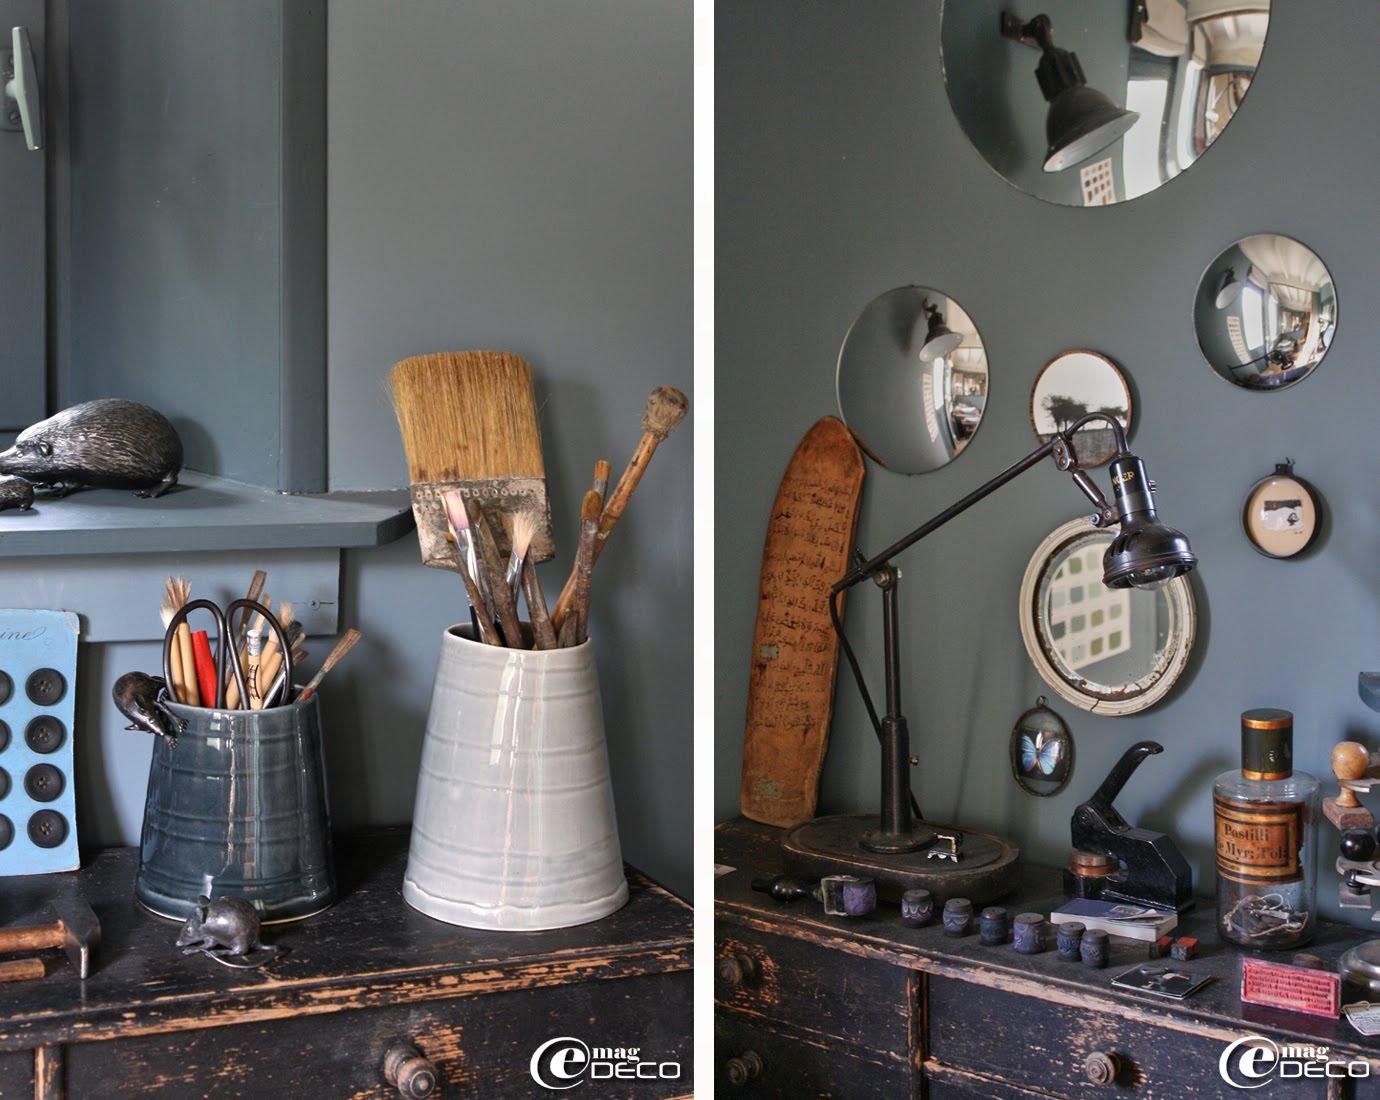 Souris et hérissons en métal du sculpteur Régis Lebel, collection de miroirs de sorcière et ancienne lampe d'atelier